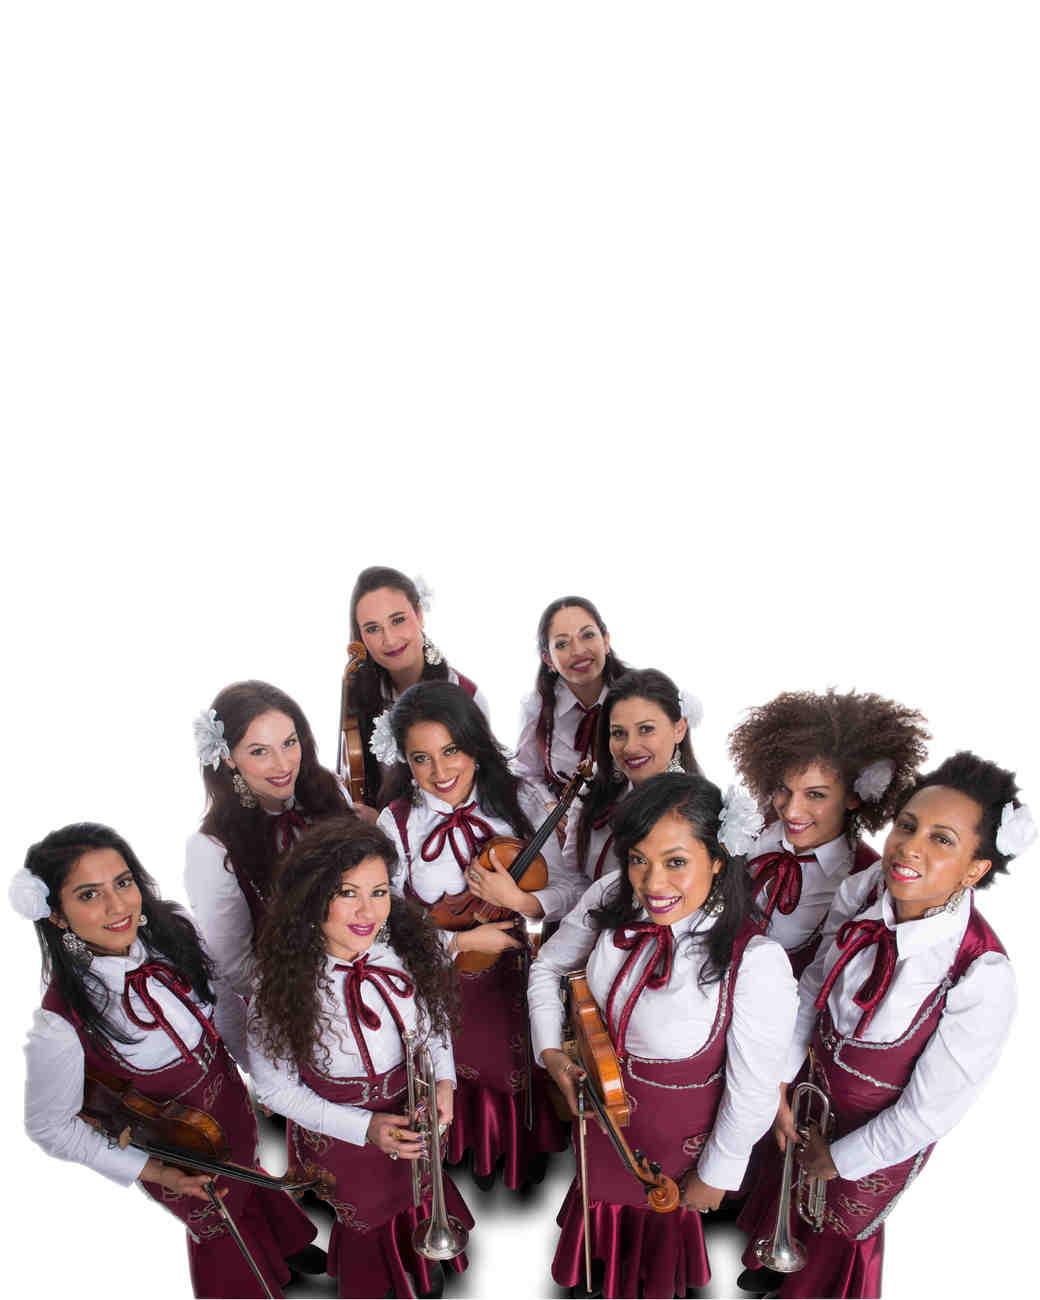 reception-parade-musicians-mariachi-flor-de-toloache-0115.jpg